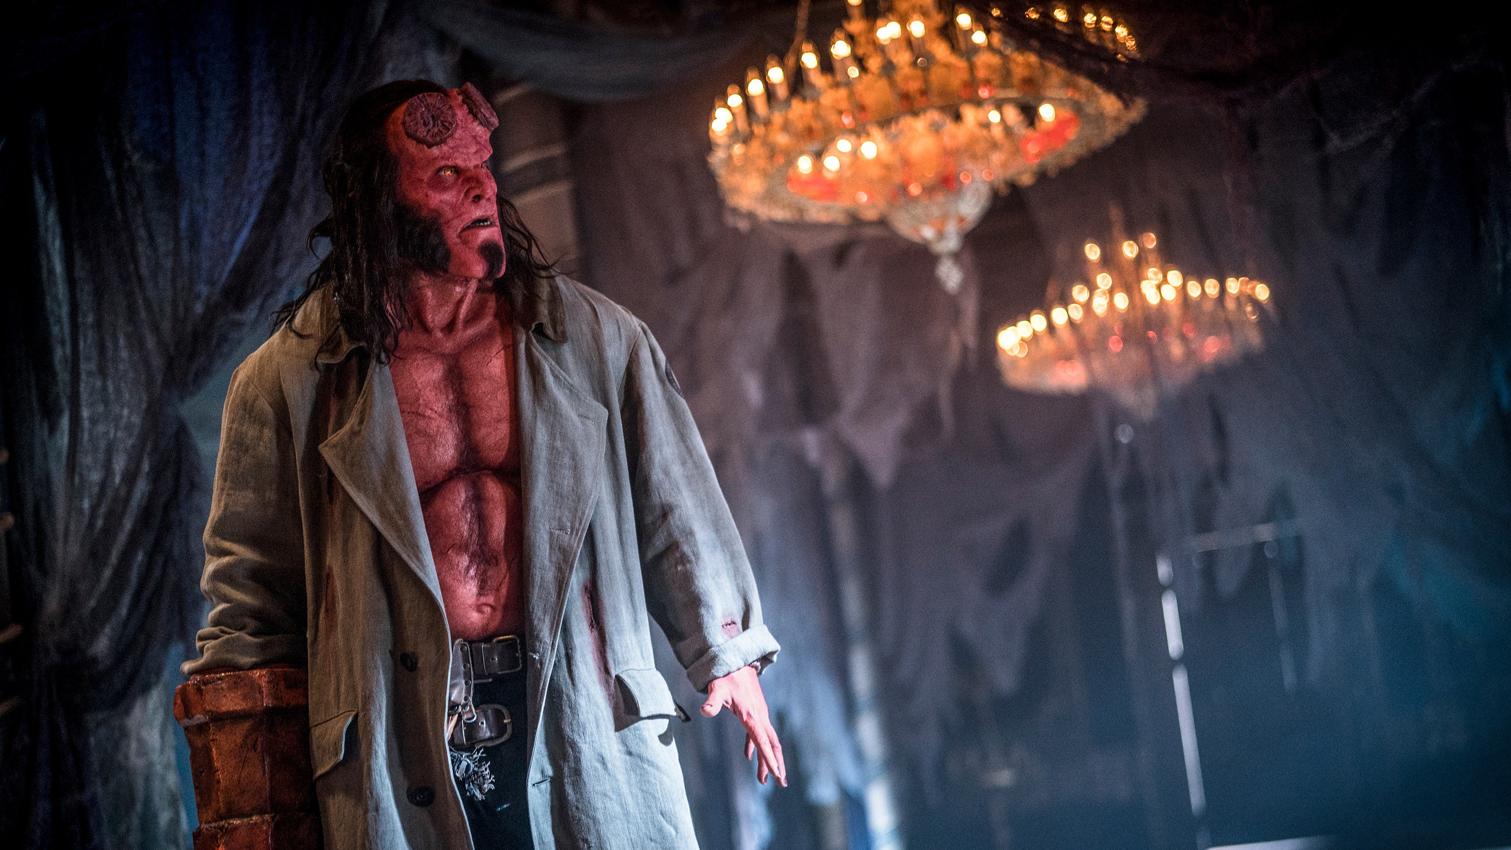 【影評】《地獄怪客:血后的崛起》:惡魔獵人版怪客 ? ! 一次性的 R 級重啟片。首圖